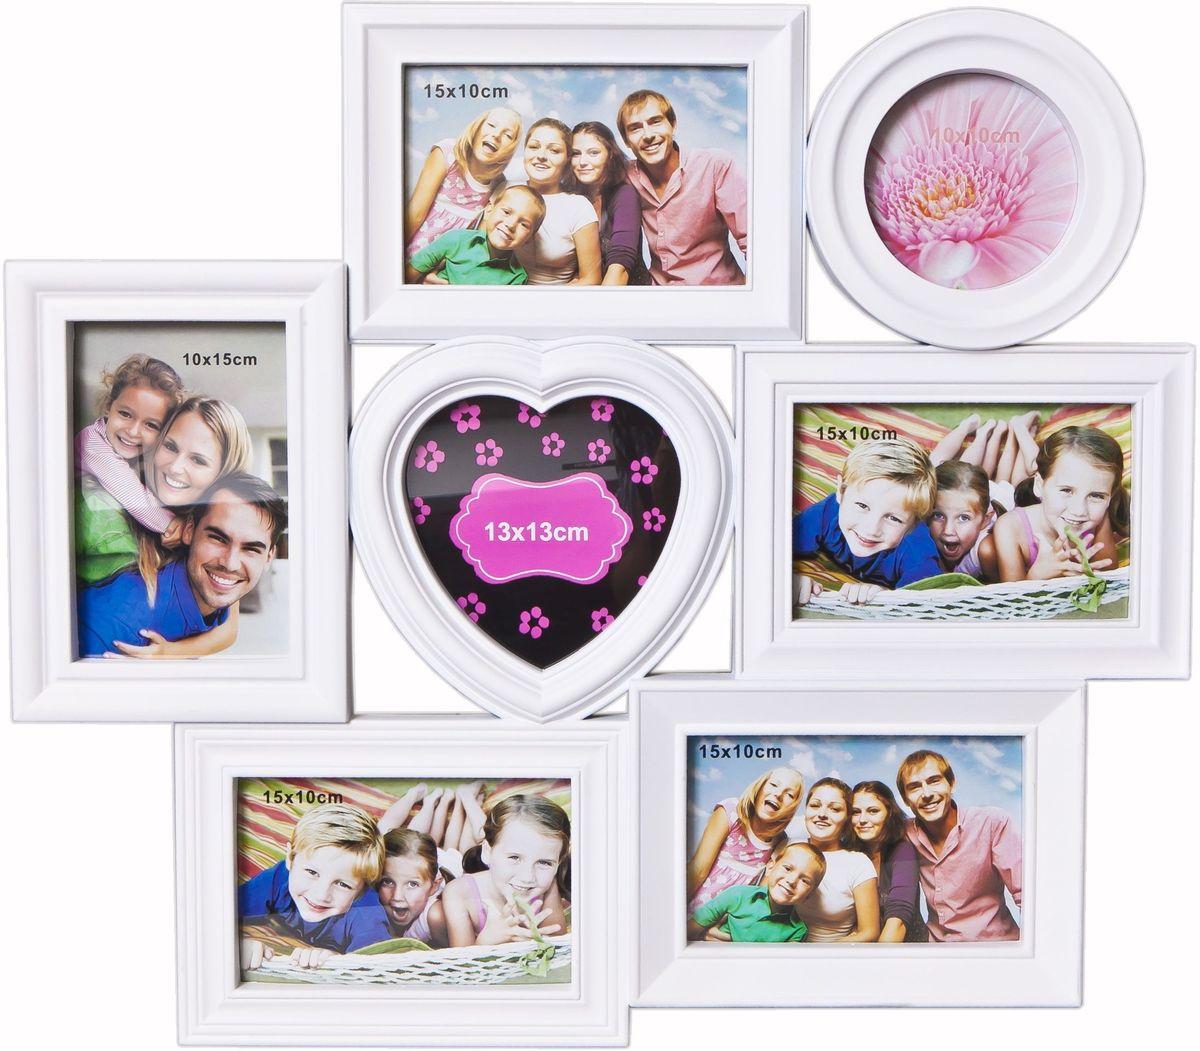 Фоторамка Platinum, цвет: белый, на 7 фото. BH-1317PLATINUM BH-1317-White-БелыйФоторамка Platinum - прекрасный способ красиво оформить ваши фотографии. Фоторамка выполнена из пластика и защищена стеклом. Фоторамка-коллаж представляет собой семь фоторамок для фото разного размера оригинально соединенных между собой. Такая фоторамка поможет сохранить в памяти самые яркие моменты вашей жизни, а стильный дизайн сделает ее прекрасным дополнением интерьера комнаты. Фоторамка подходит для 1 фото 10 х 10 см, 5 фото 10 х 15 см и 1 фото 13 х 13 см. Общий размер фоторамки: 49 х 43 см.